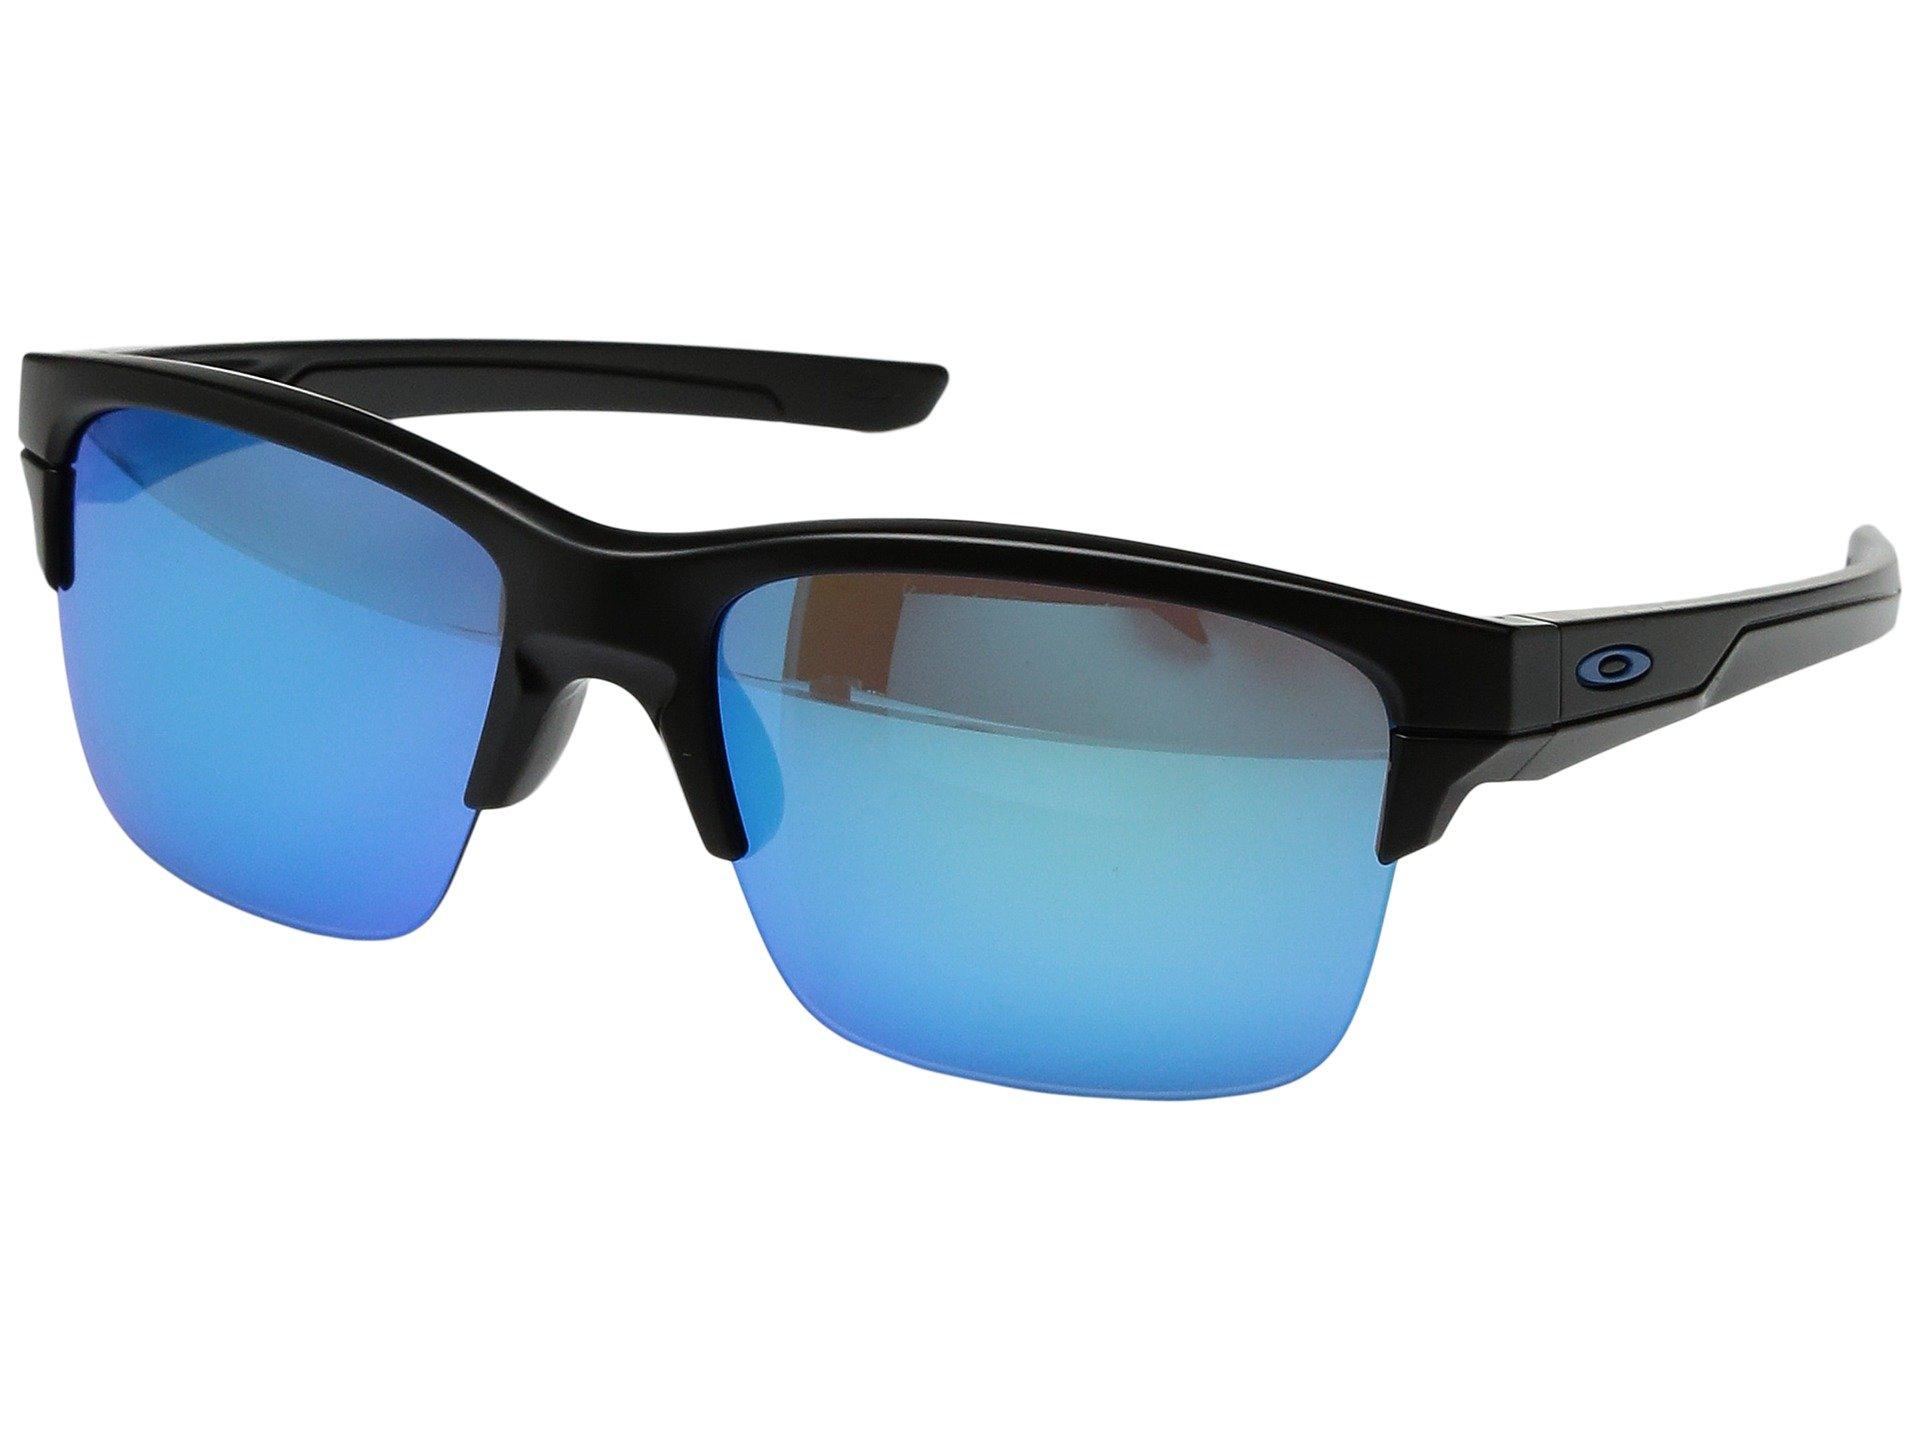 Gafas para Hombre Oakley (A) Thinlink  + Oakley en VeoyCompro.net